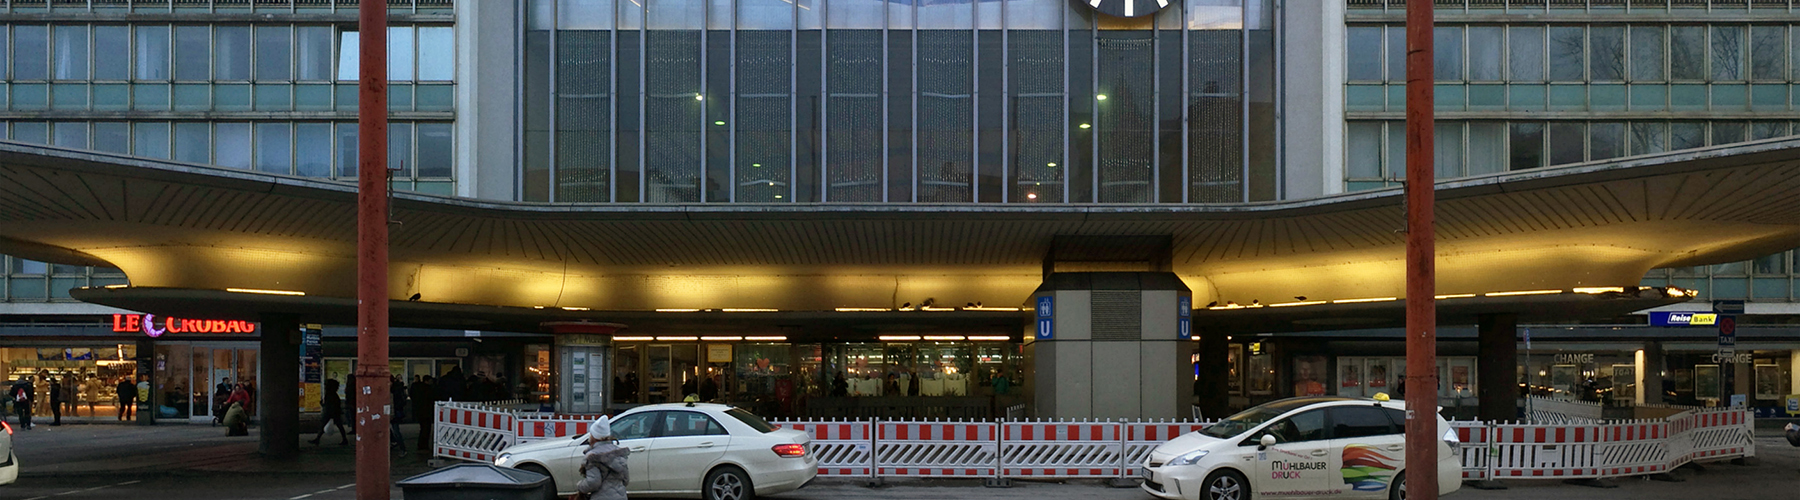 뮌헨 - 뮌헨 하프반호프에 가까운 캠핑장. 뮌헨의 지도, 뮌헨에 위치한 캠핑장에 대한 사진 및 리뷰.